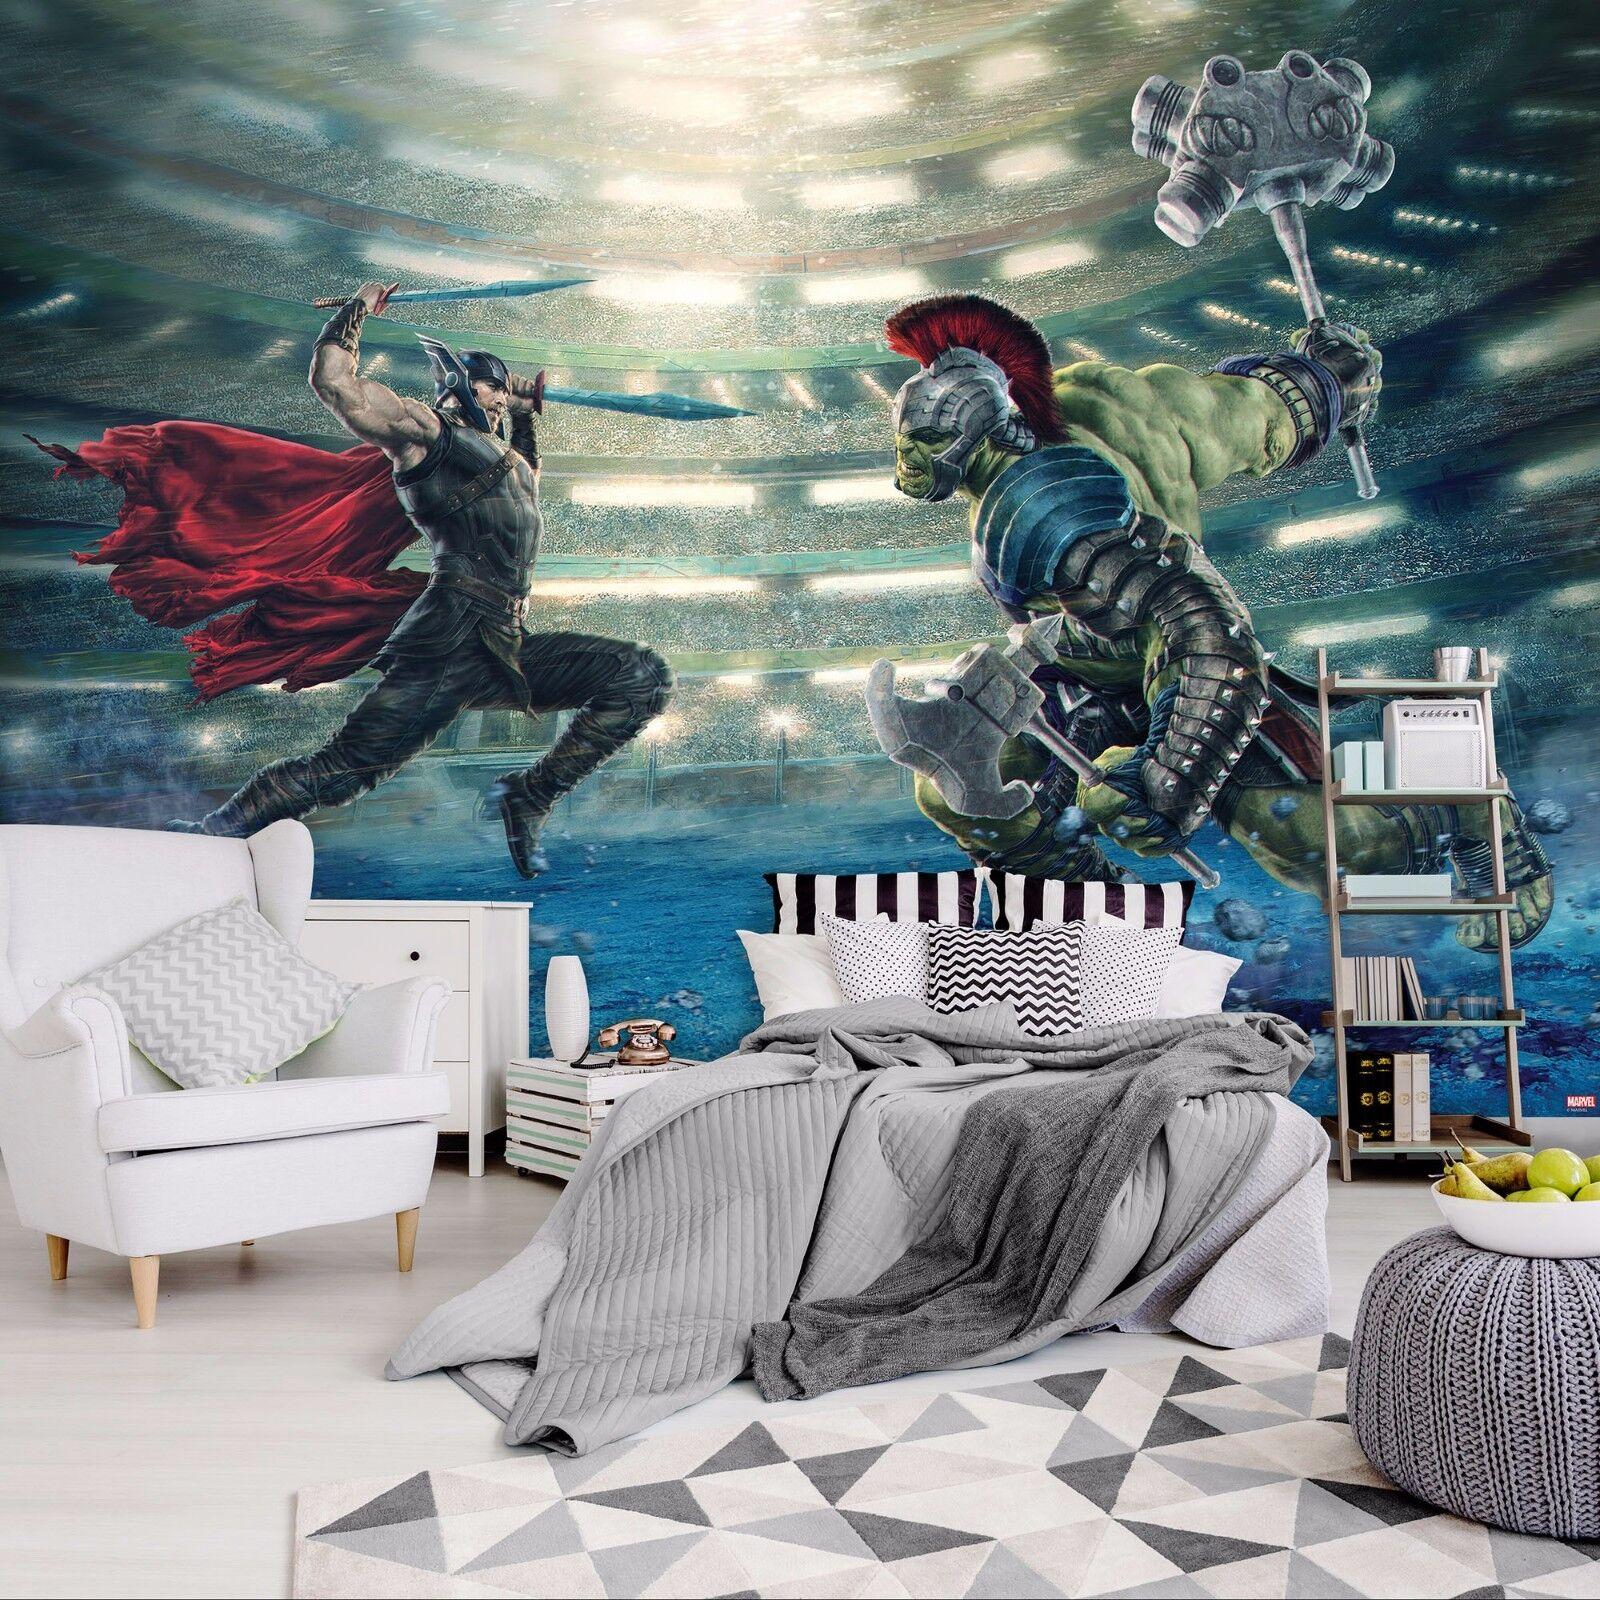 Tapete Wandkunst für Kinder Schlafzimmer Thor ragnarog Marvel Hulk Foto Dekor